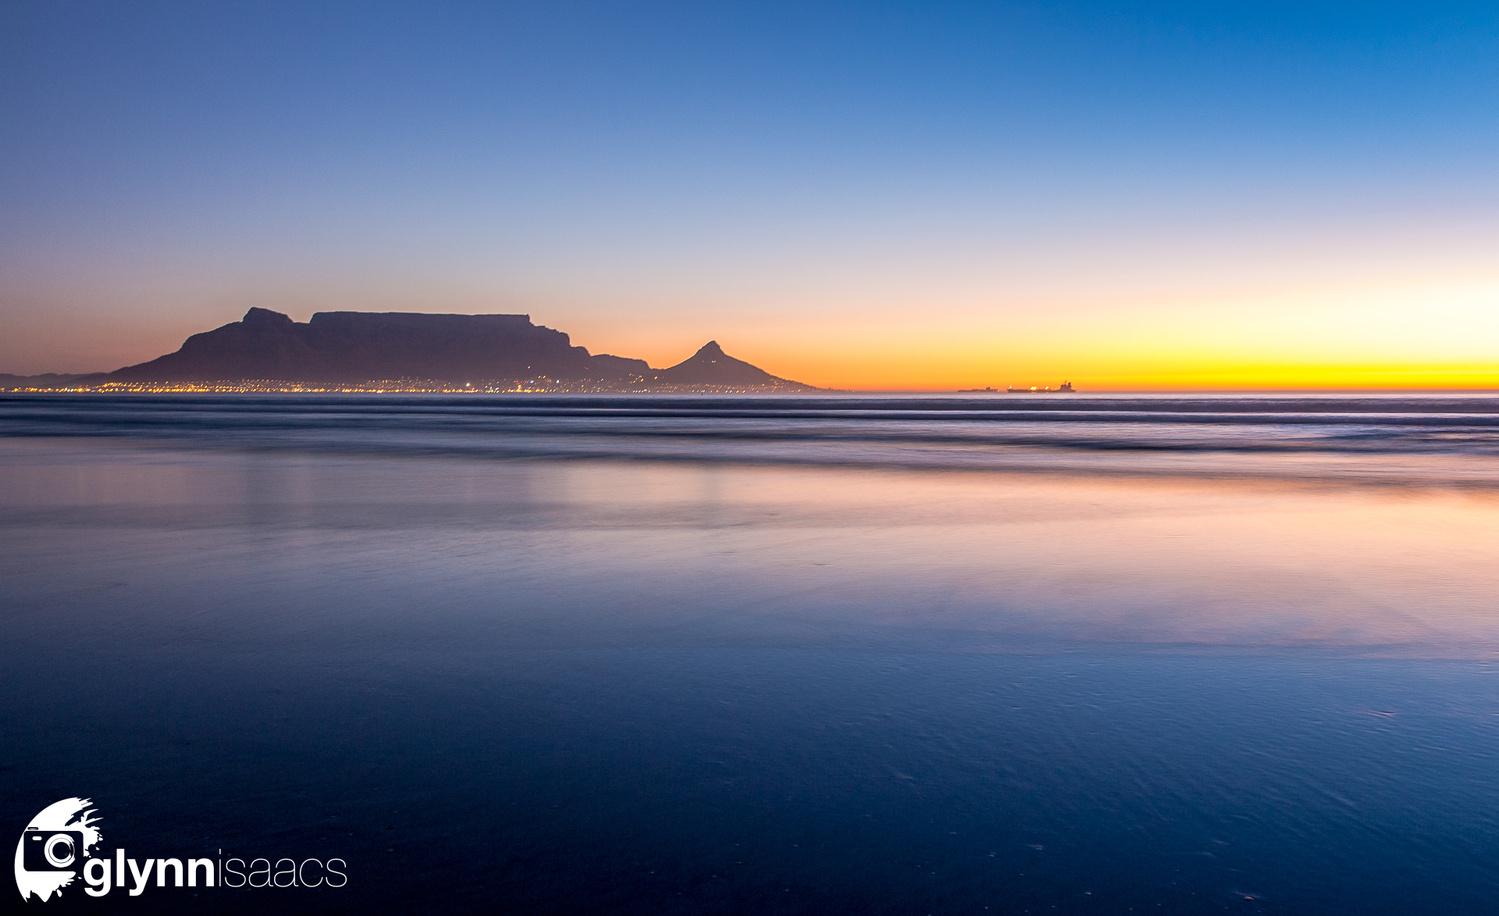 Table Mountain by Glynn Isaacs